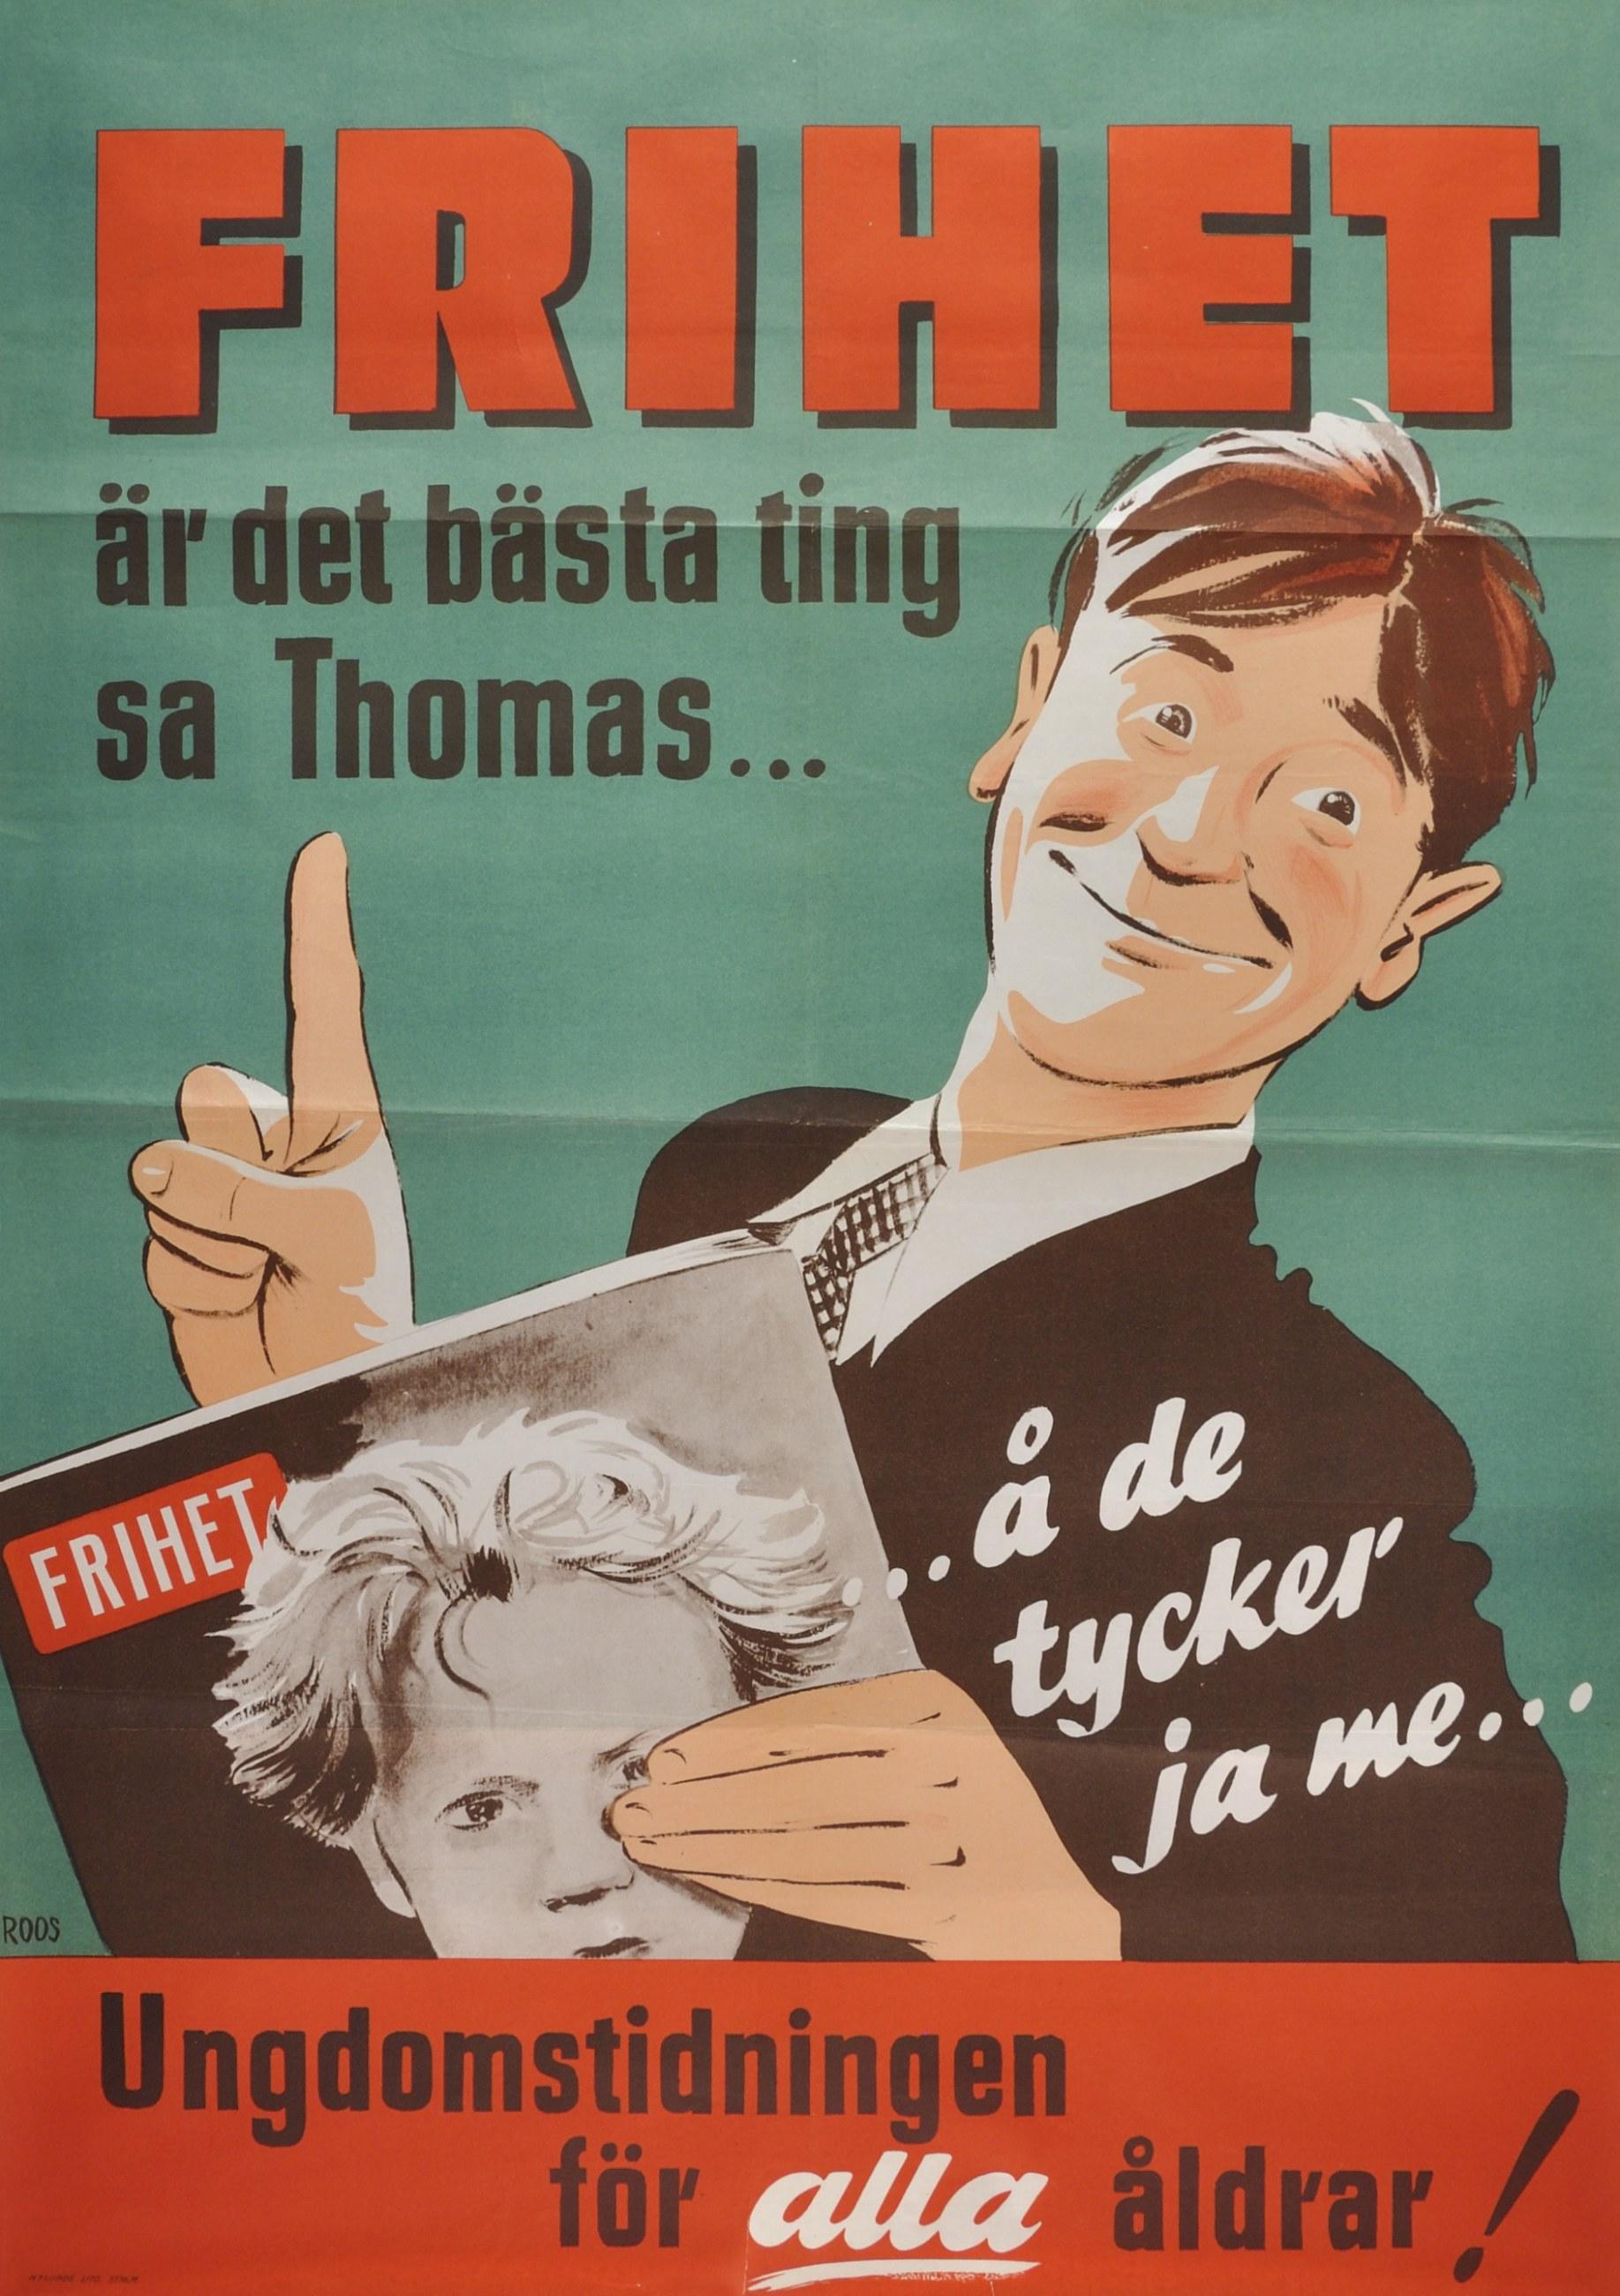 Foto: Dalarnas Folkrörelsearkiv